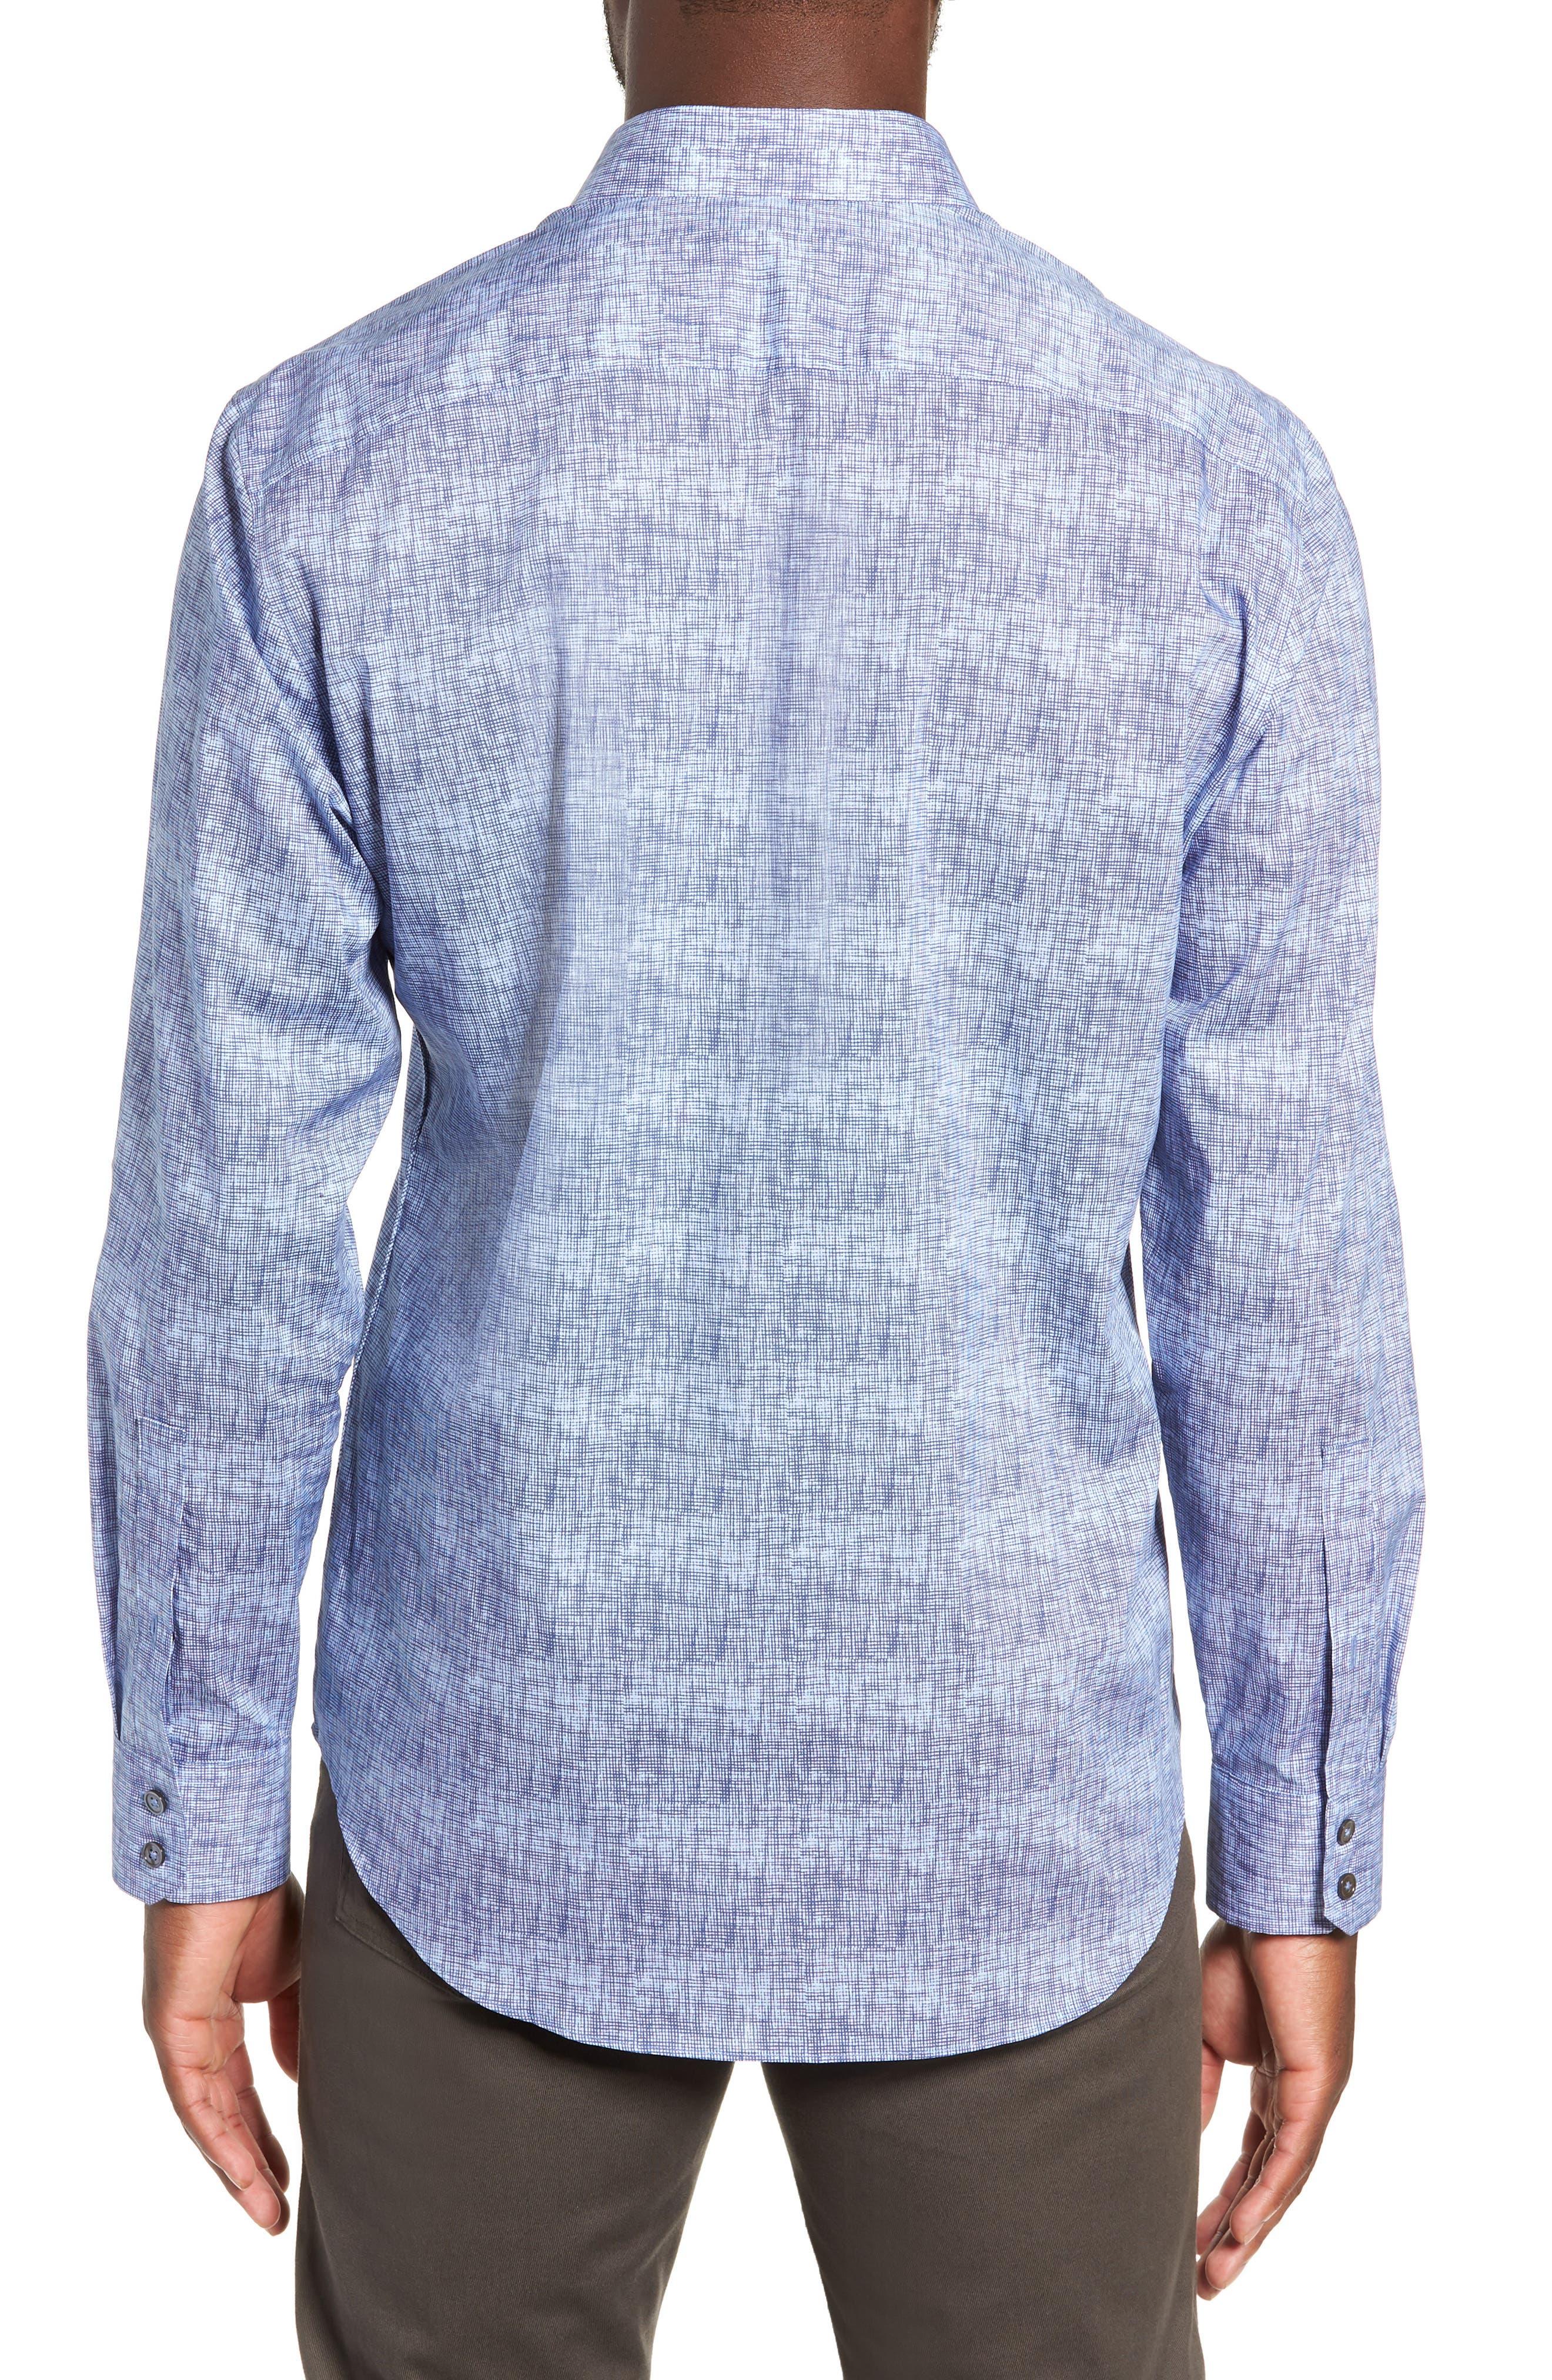 ZACHARY PRELL, Oppong Regular Fit Sport Shirt, Alternate thumbnail 3, color, 400